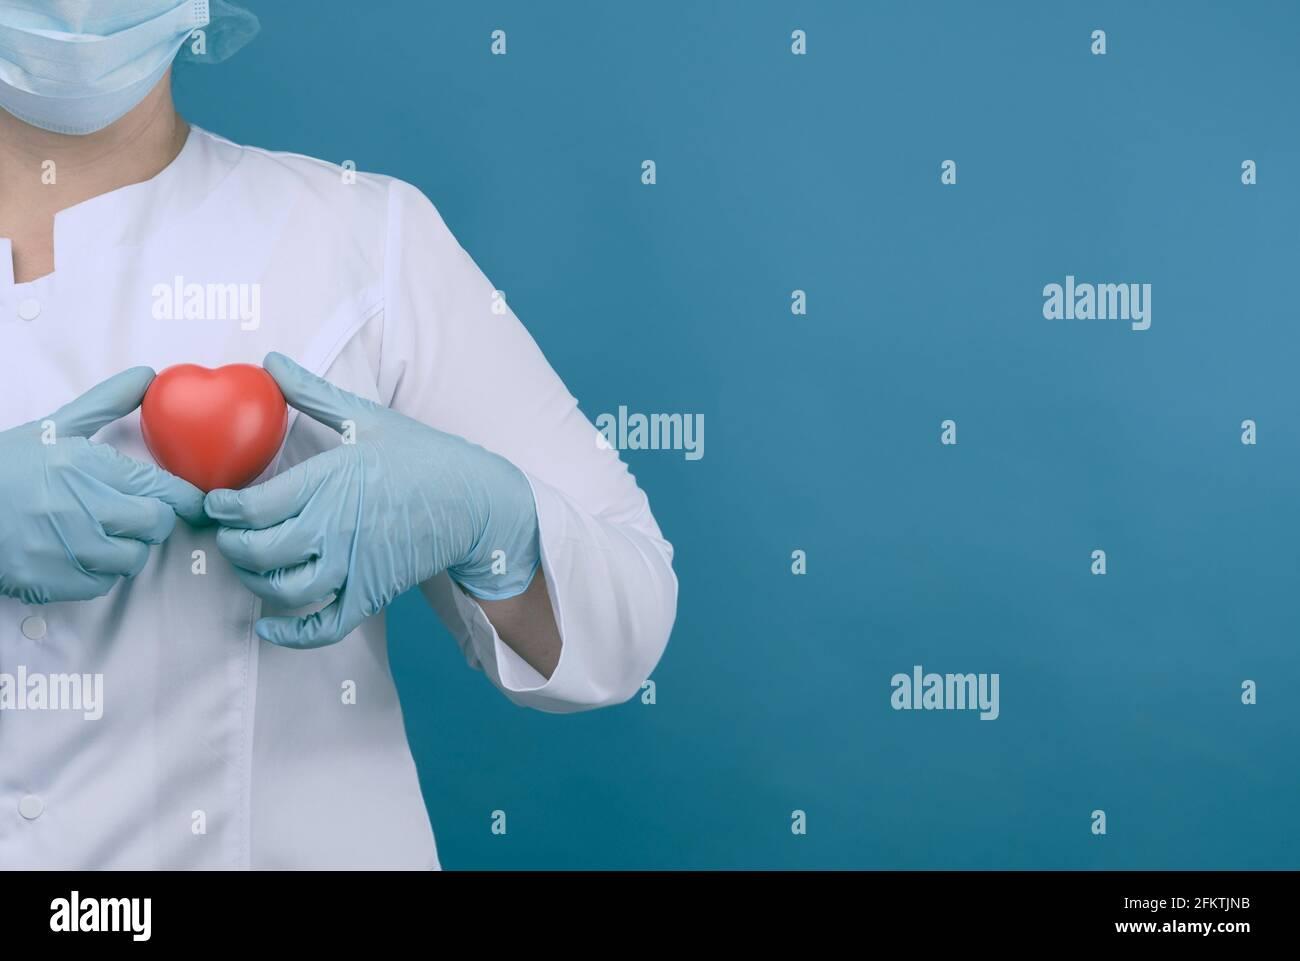 médico femenino en un abrigo blanco, una máscara se levanta y sostiene un corazón rojo sobre un fondo azul, el concepto de donación y amabilidad, espacio de copia. Foto de stock